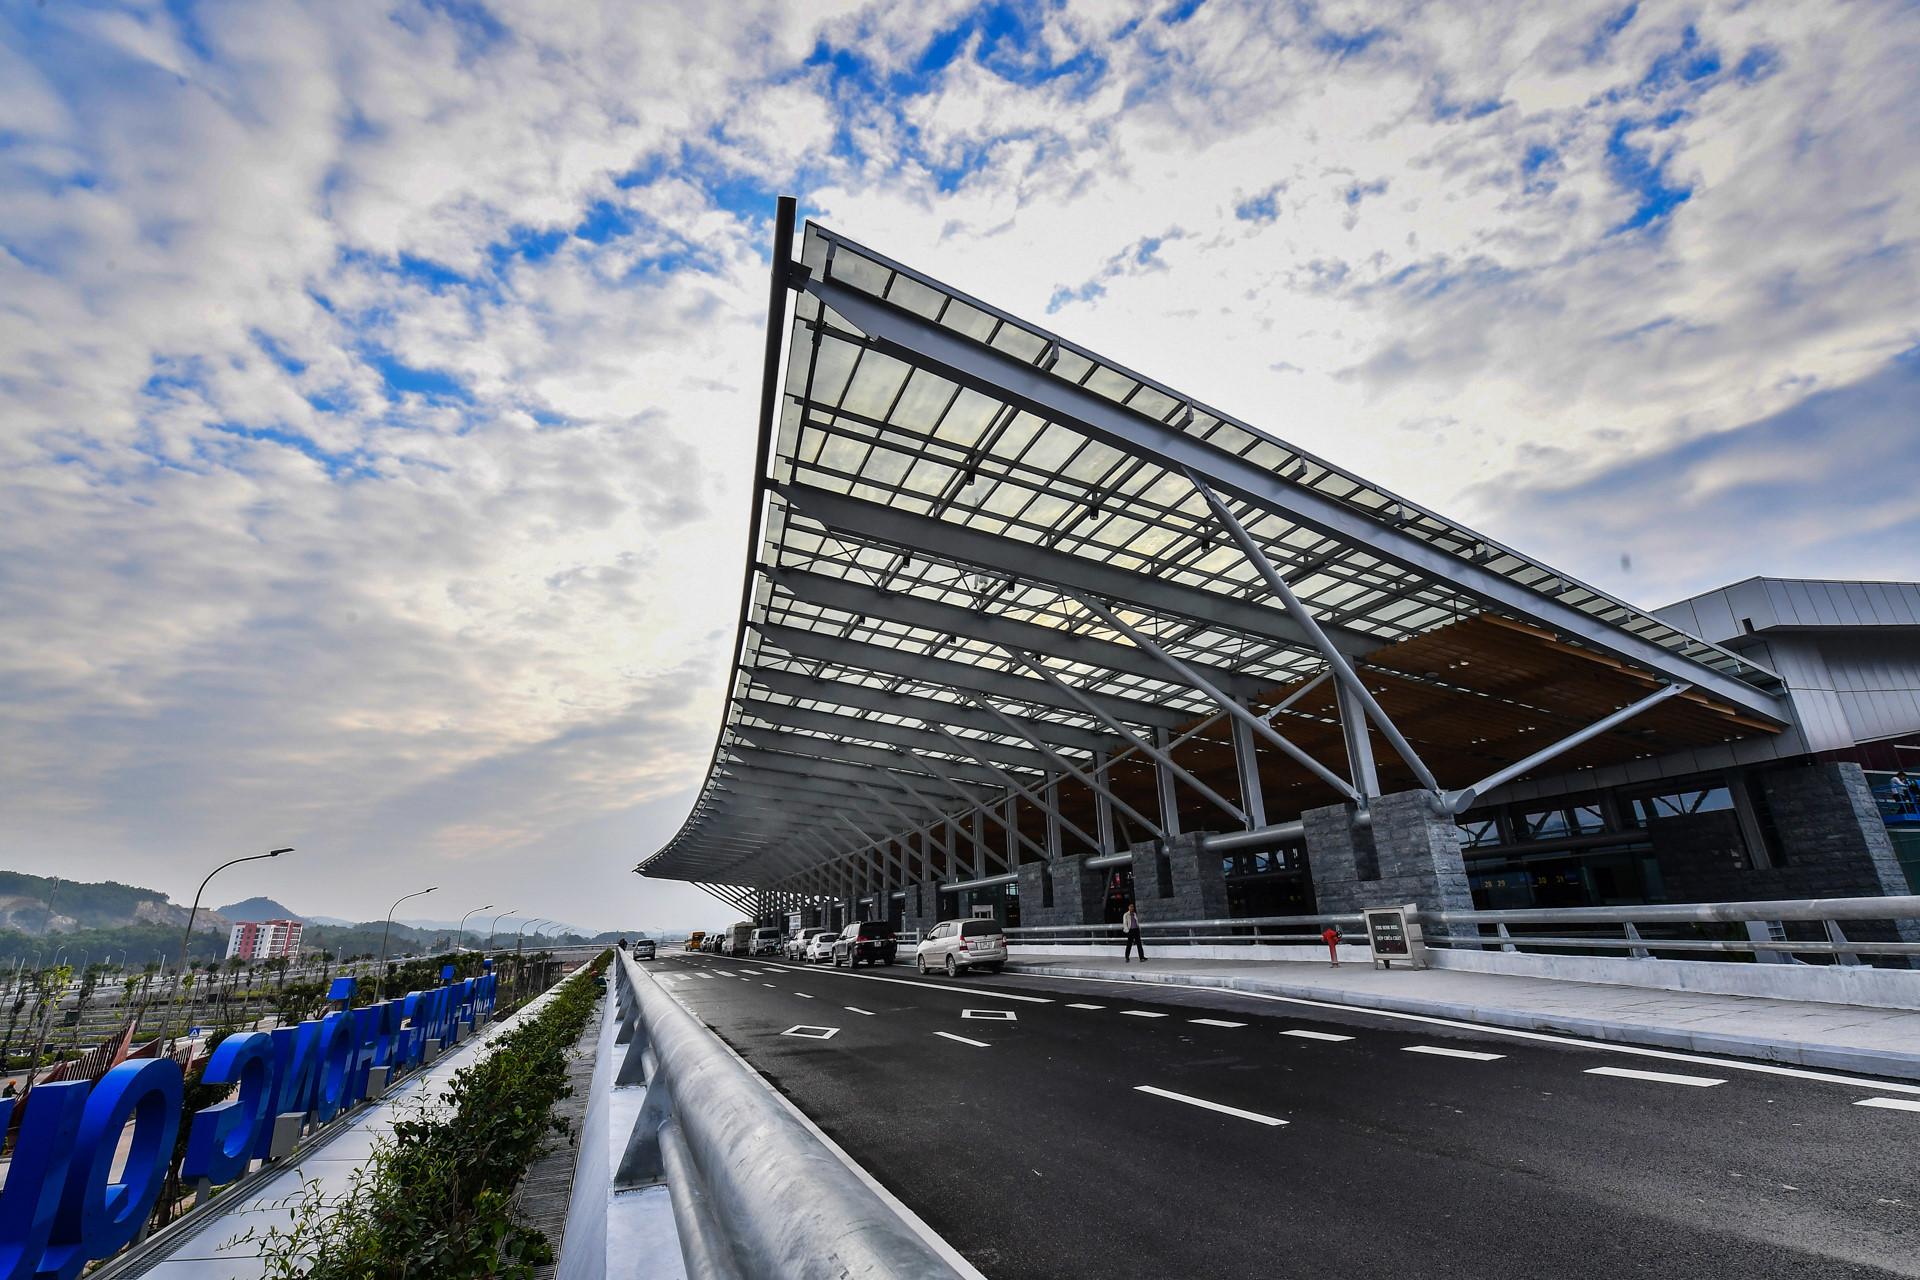 """HOT : Sắp khai trương sân bay Vân Đồn siêu hiện đại, giờ đến Quảng Ninh chỉ trong """"nháy mắt"""""""